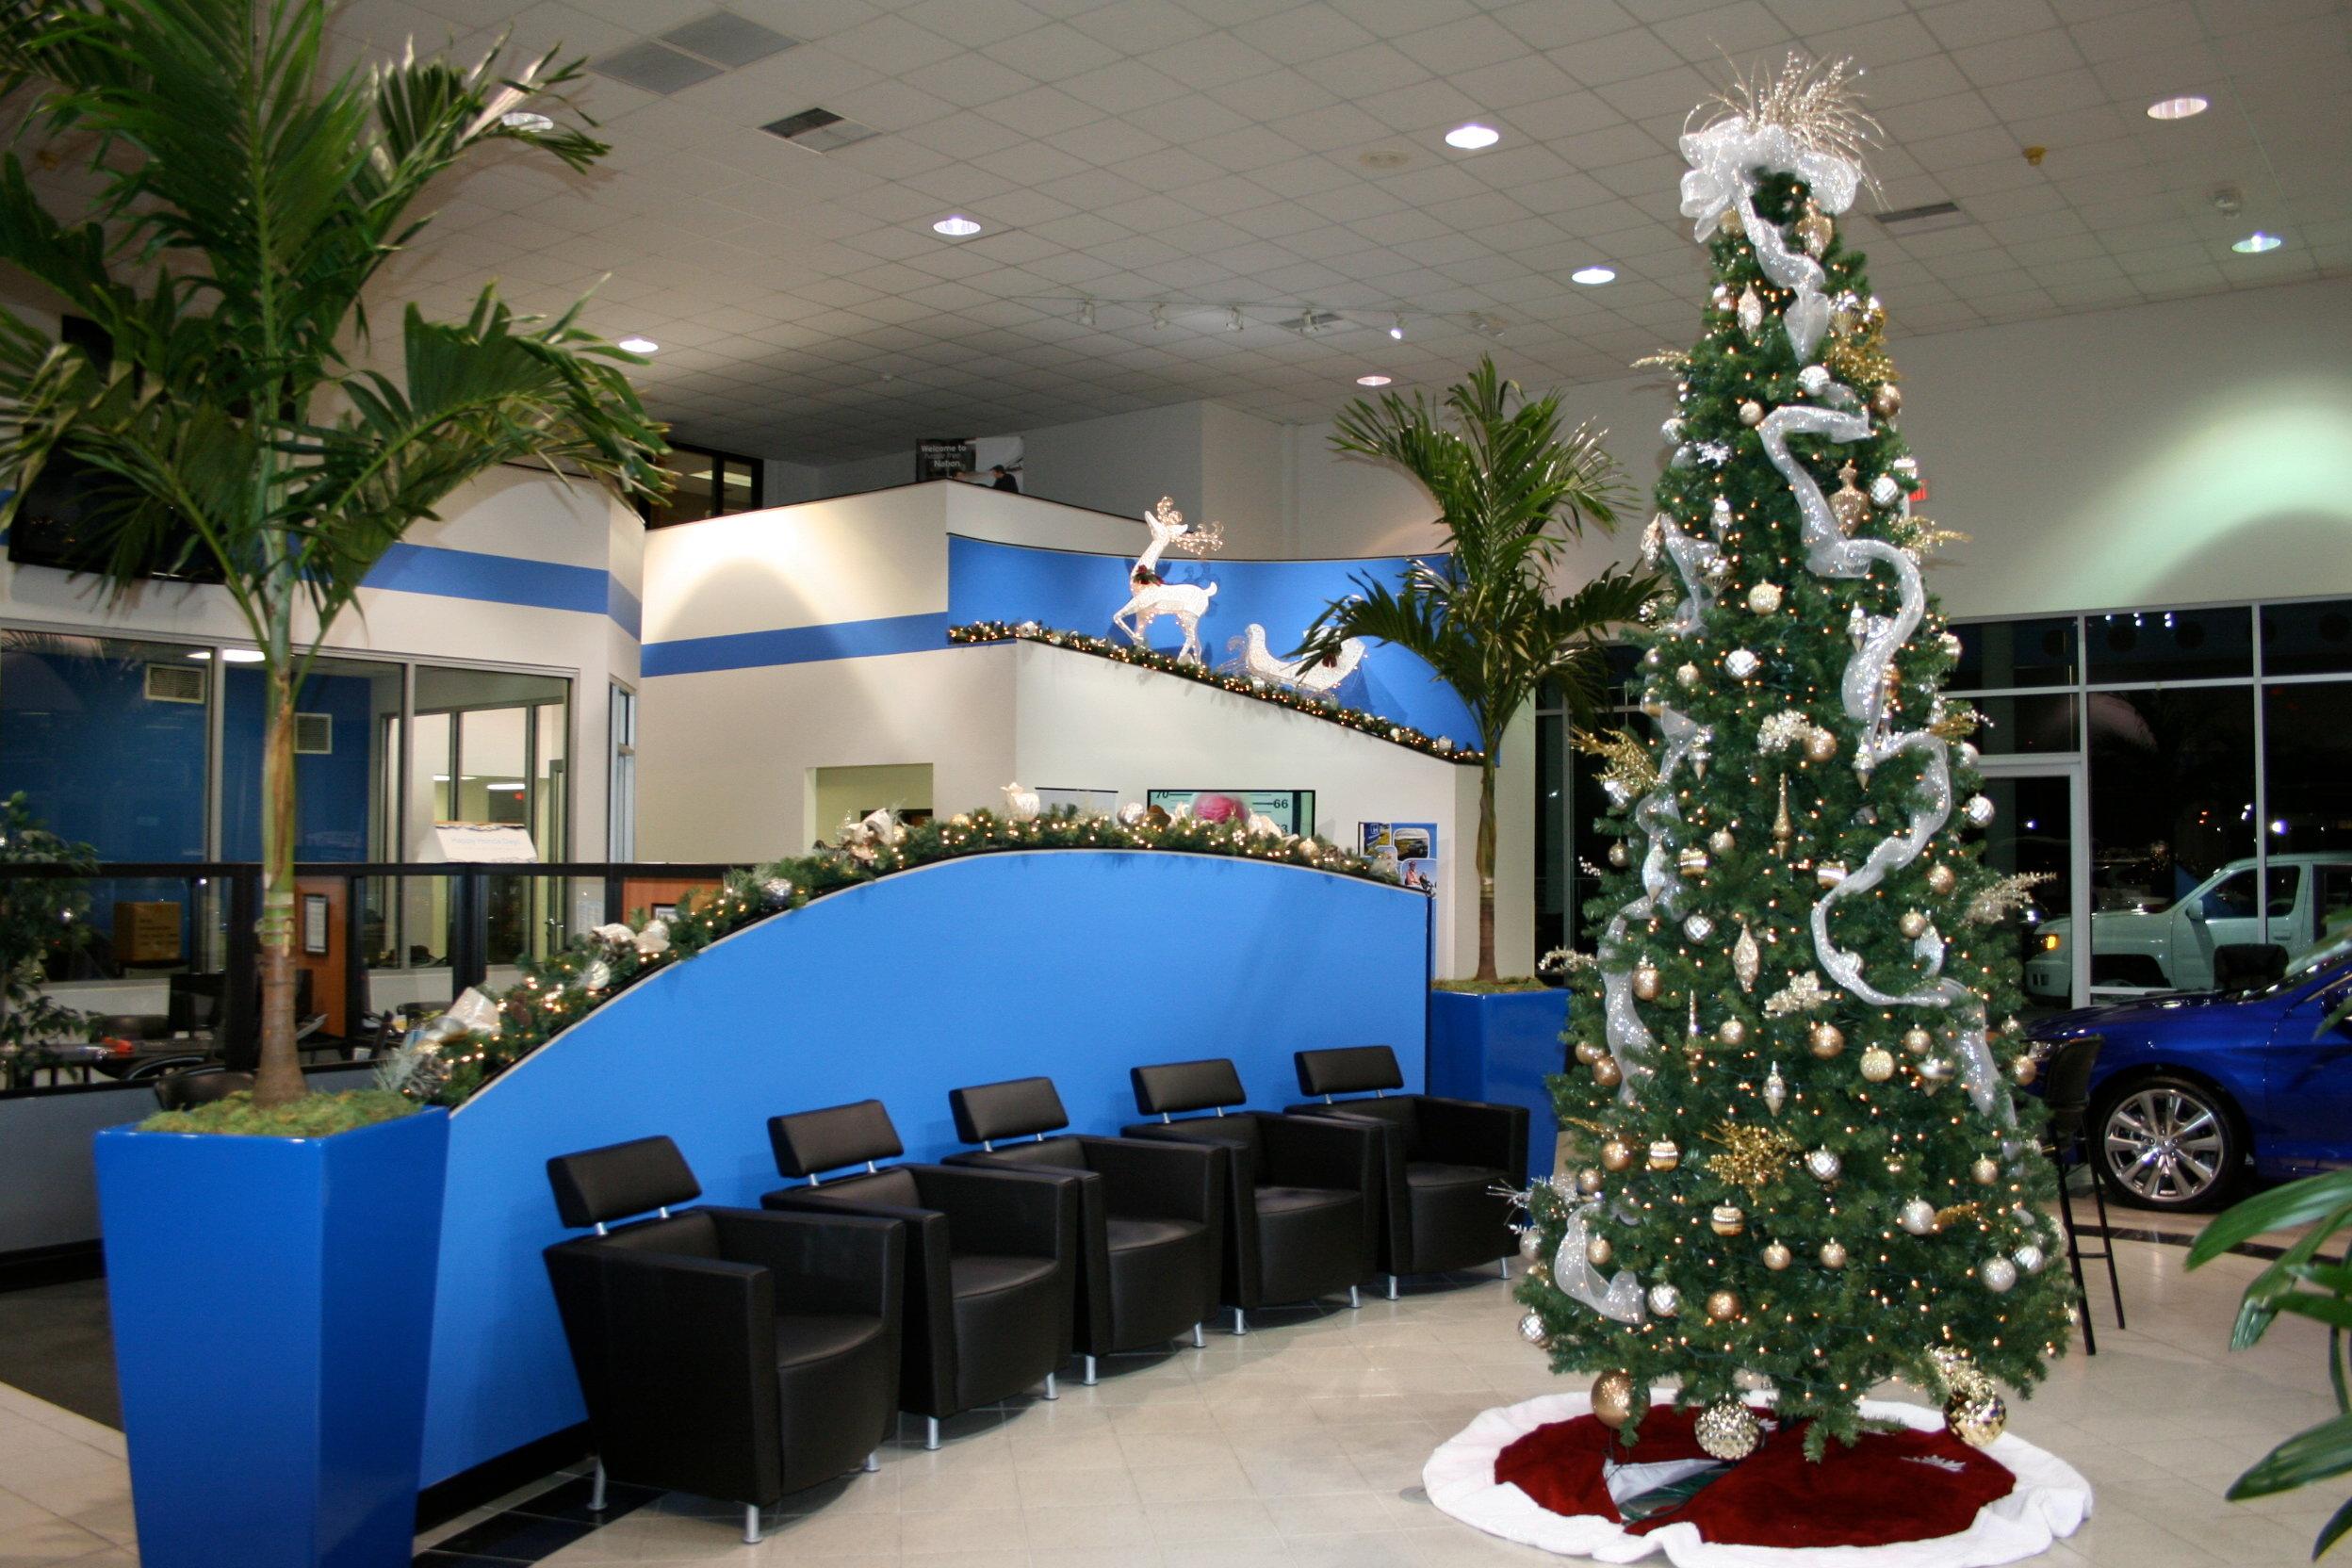 AutoNation Honda At Bel Air Mall 1175 E I65 Service Rd S, Mobile, AL 36606    YP.com